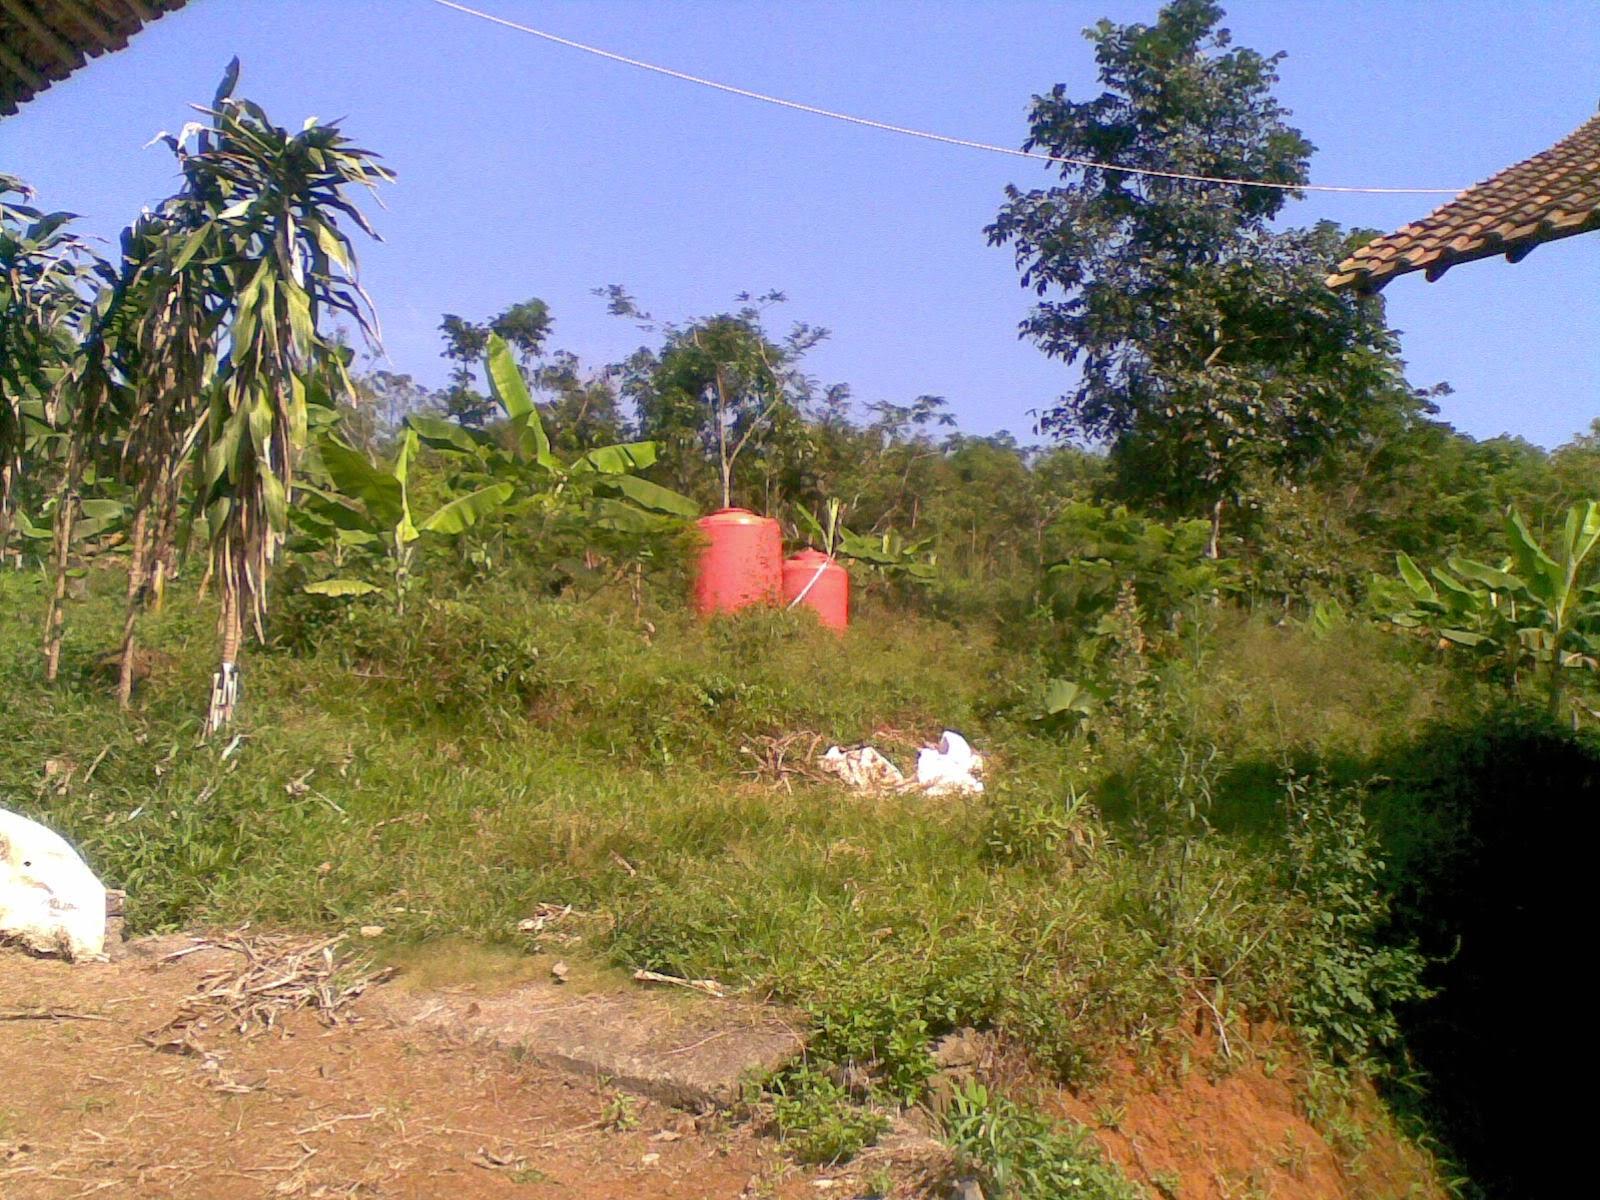 09082014(004) Jual tanah luas 5 Ha, kebun karet yang sudah panen jual tanah di sukaresmi